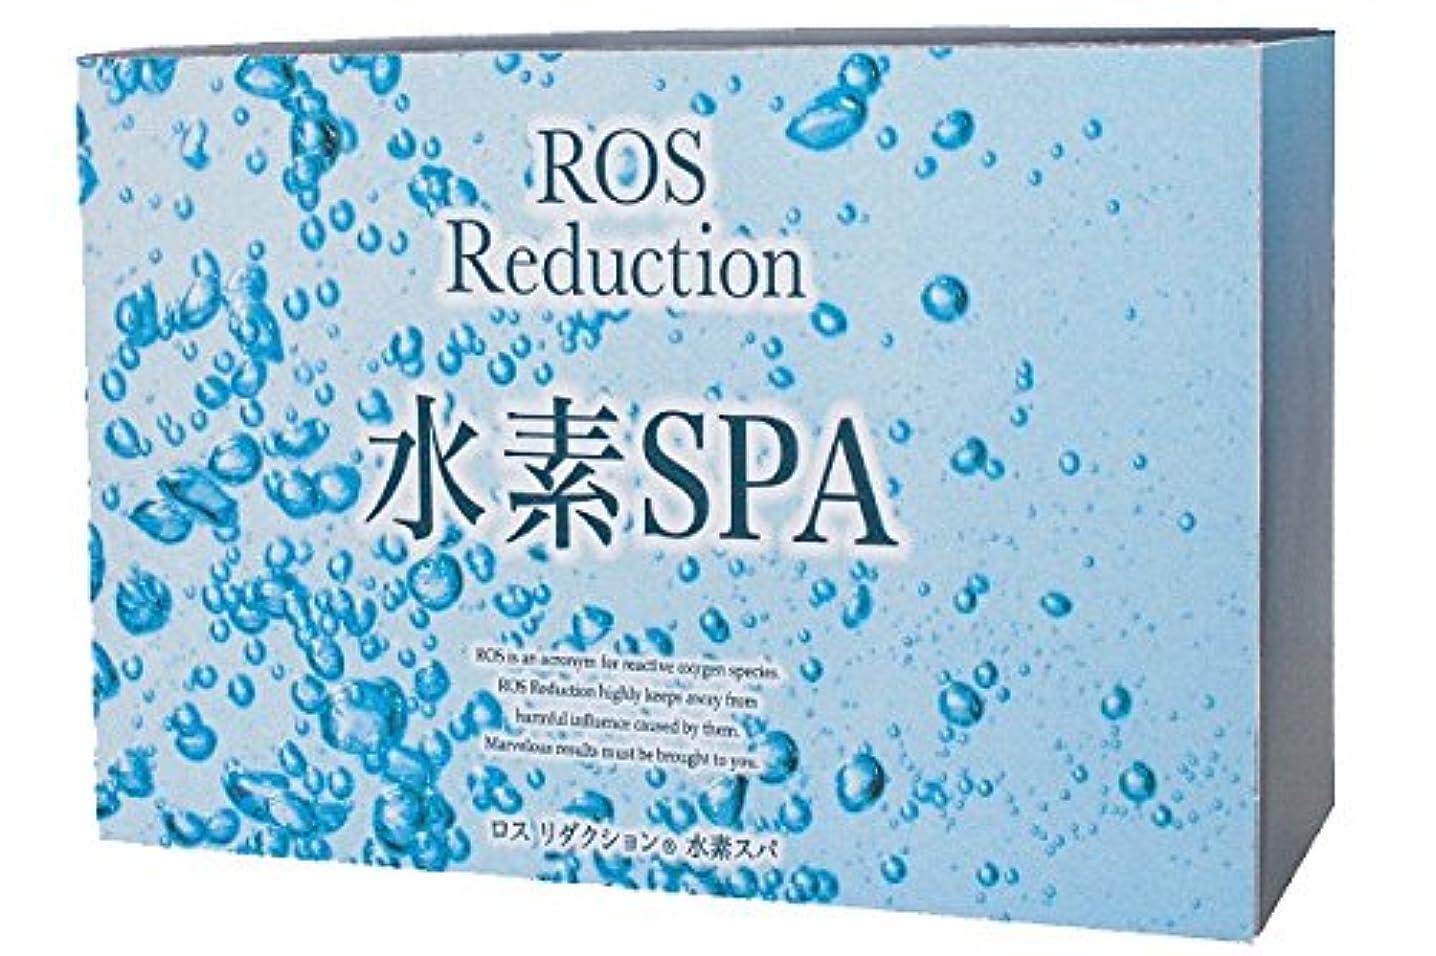 気を散らす自動的にオーナーお得な3箱セット トップクラスの高濃度水素入浴剤 ロスリダクション 水素SPA (50g×5包)